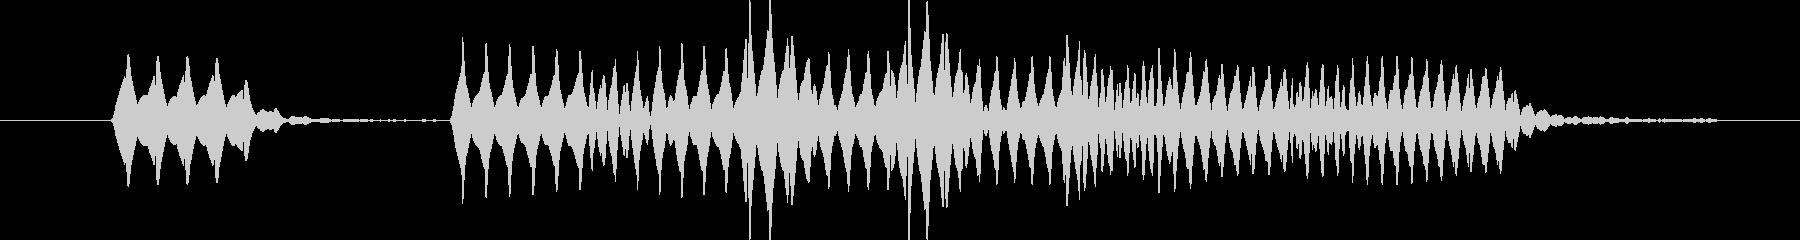 パラララッ。 アップ音。の未再生の波形